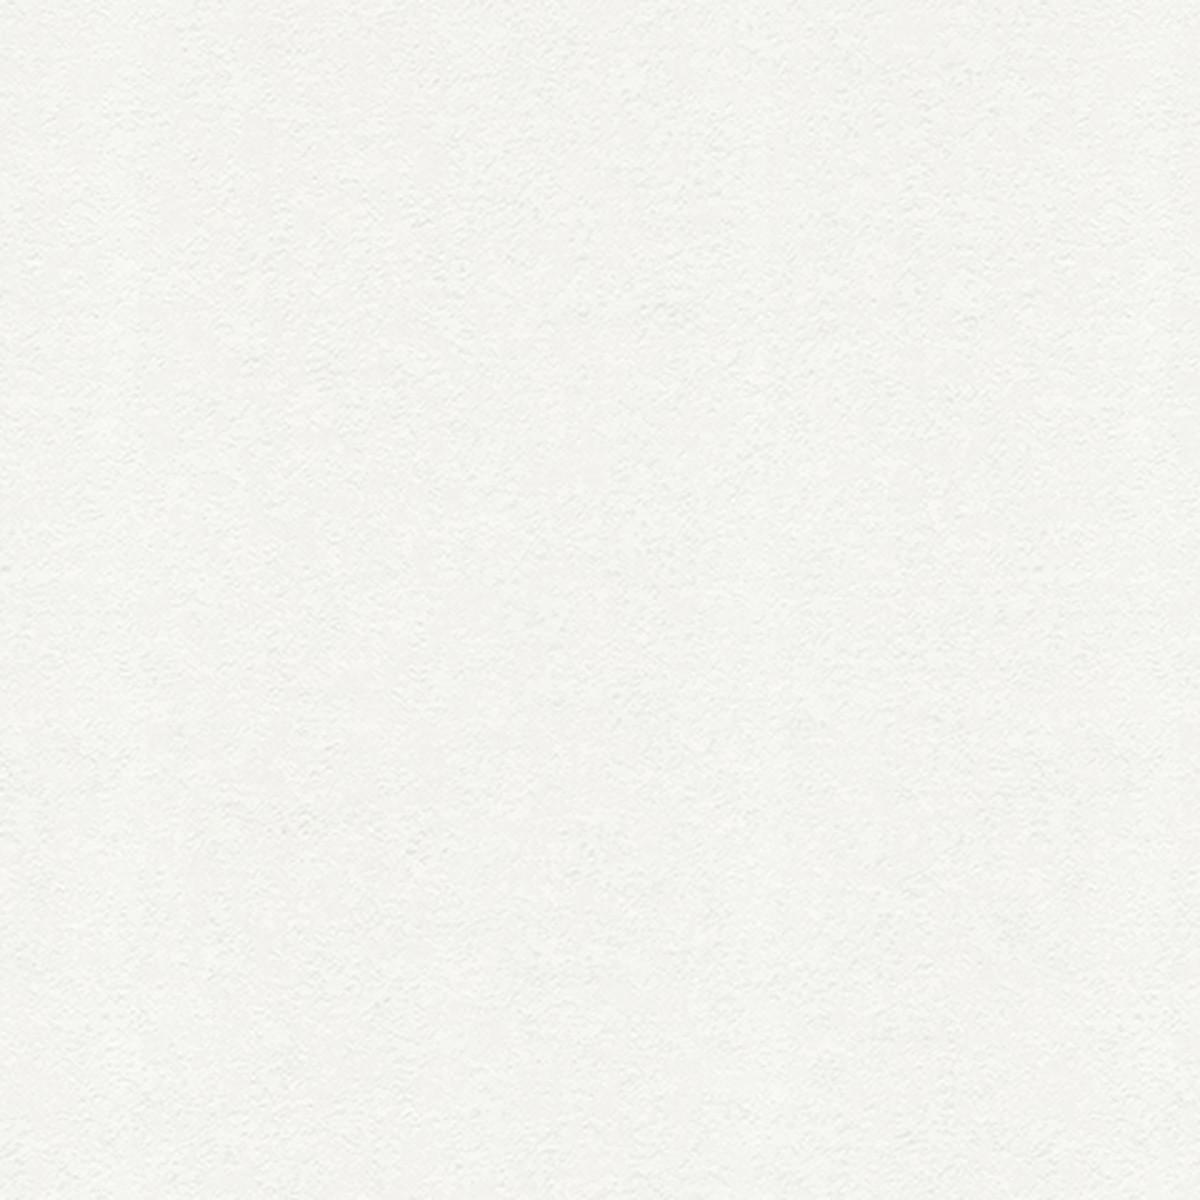 Обои флизелиновые С.Л.Г. бежевые 1.06 м 4-0967